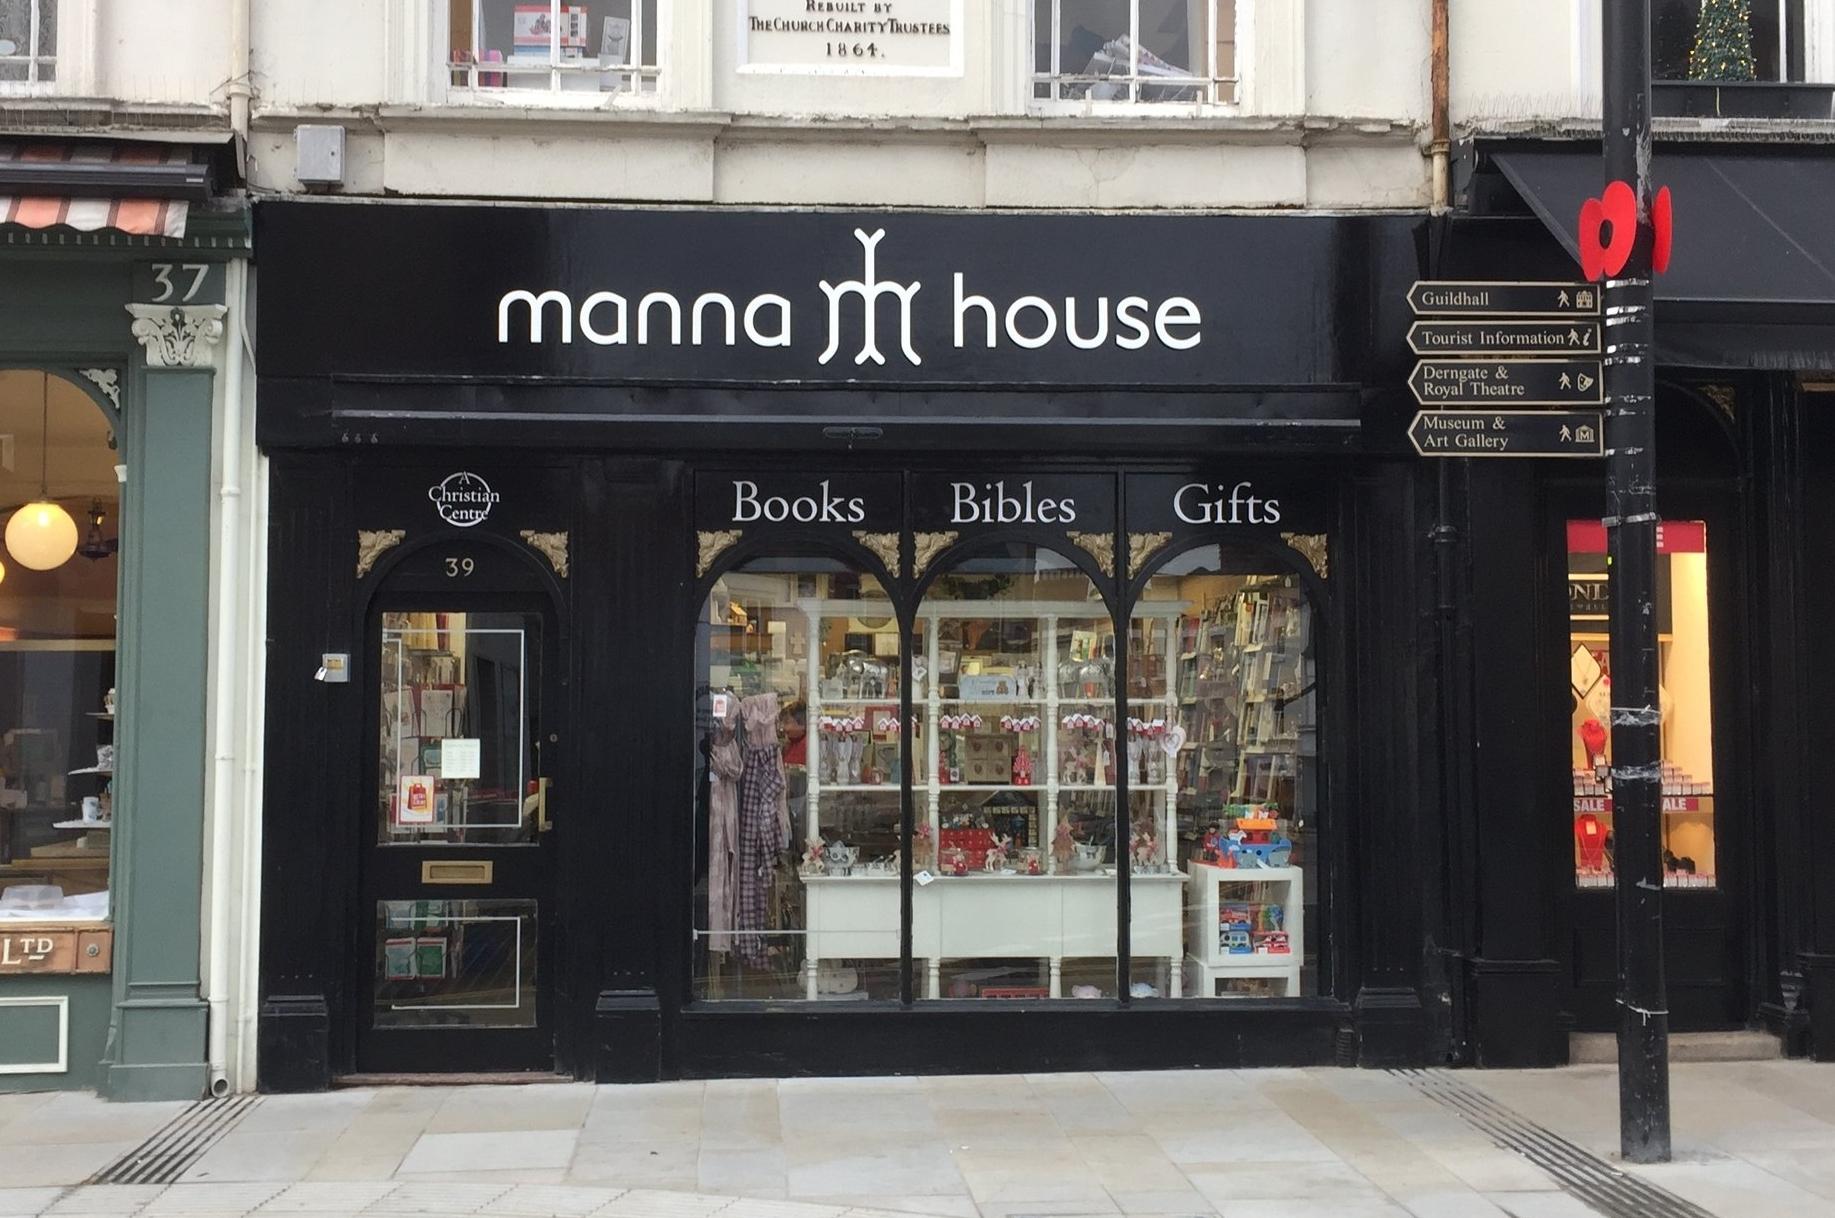 Manna House as at 4th November 2016